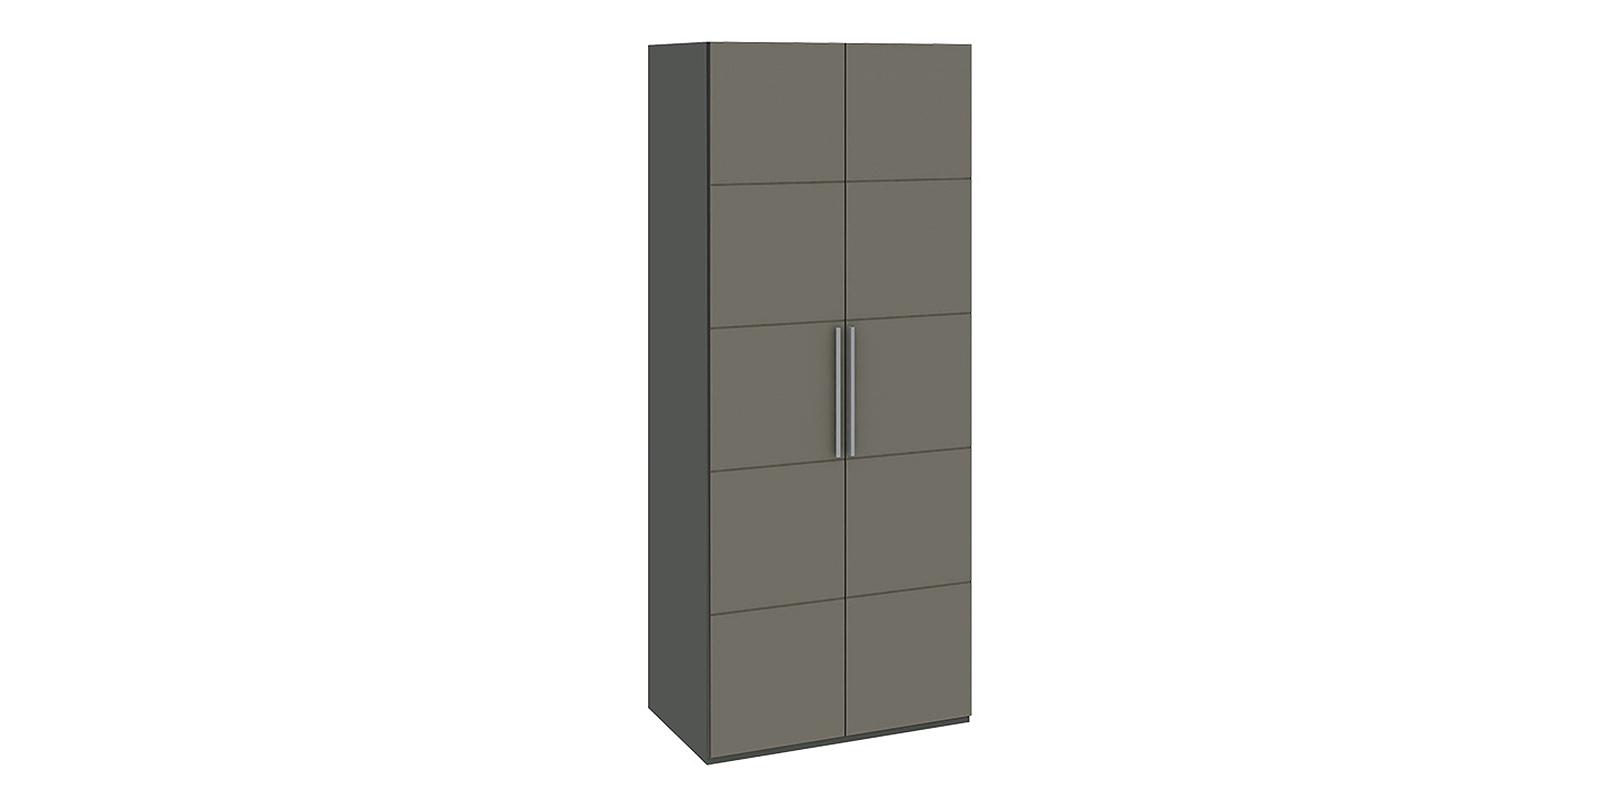 Шкаф распашной двухдверный Сорренто вариант №1 (темно-серый/серый)